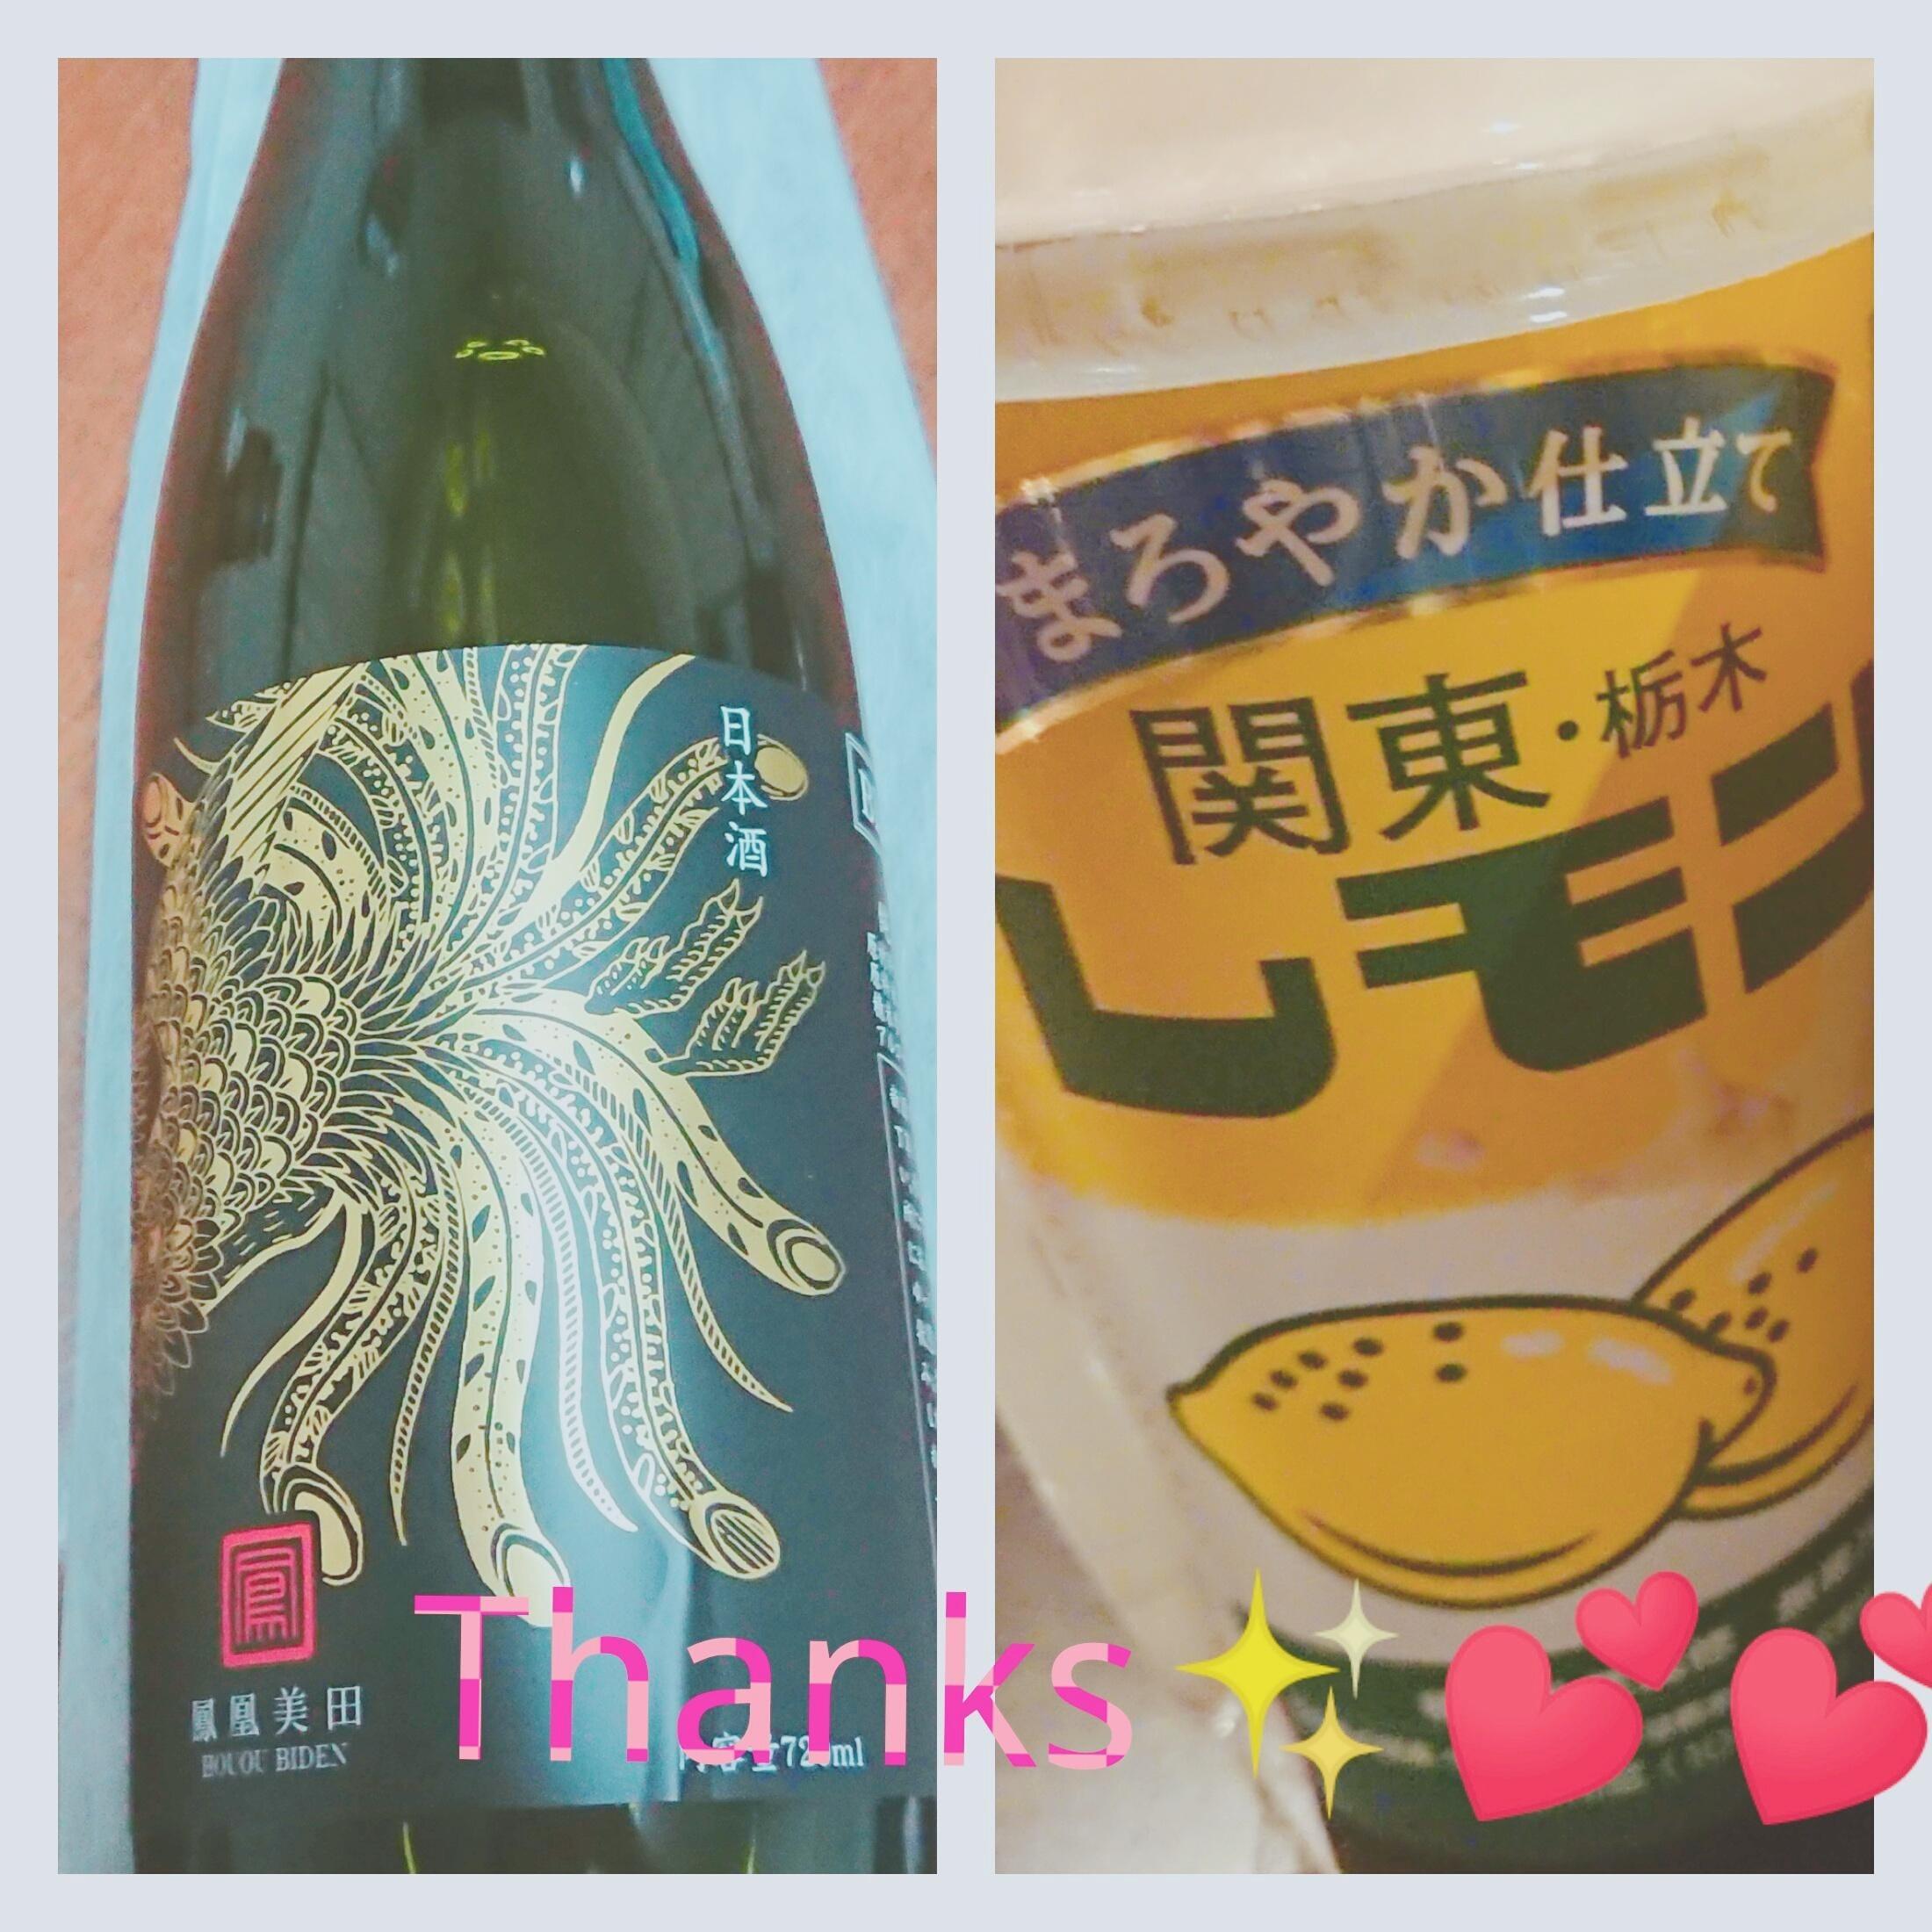 「昨日のお礼♪」12/06(木) 12:42 | れいかの写メ・風俗動画